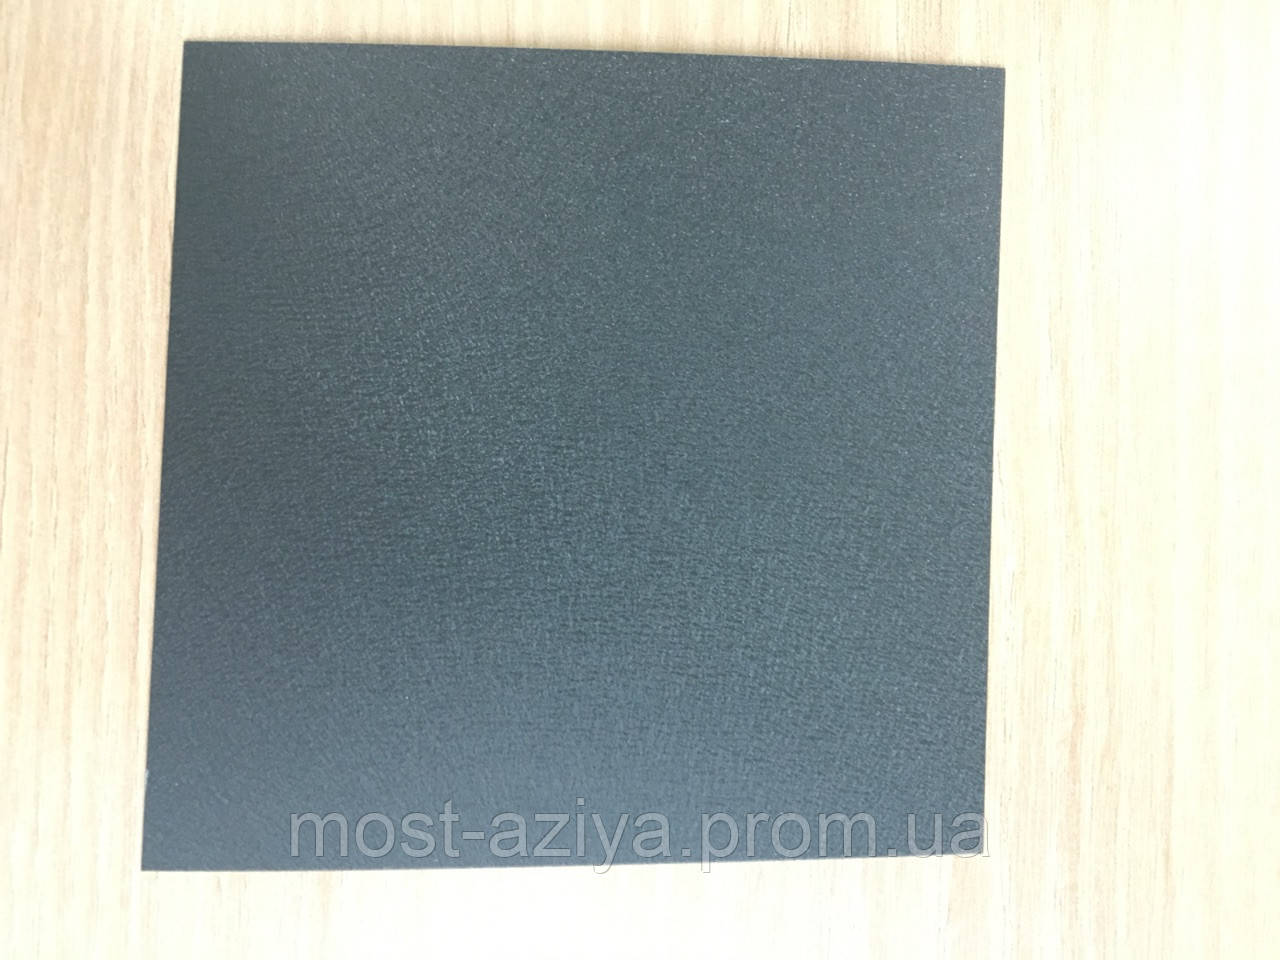 Лист гладкий RAL 7016 матовый оцинкованный с полимерным покрытием